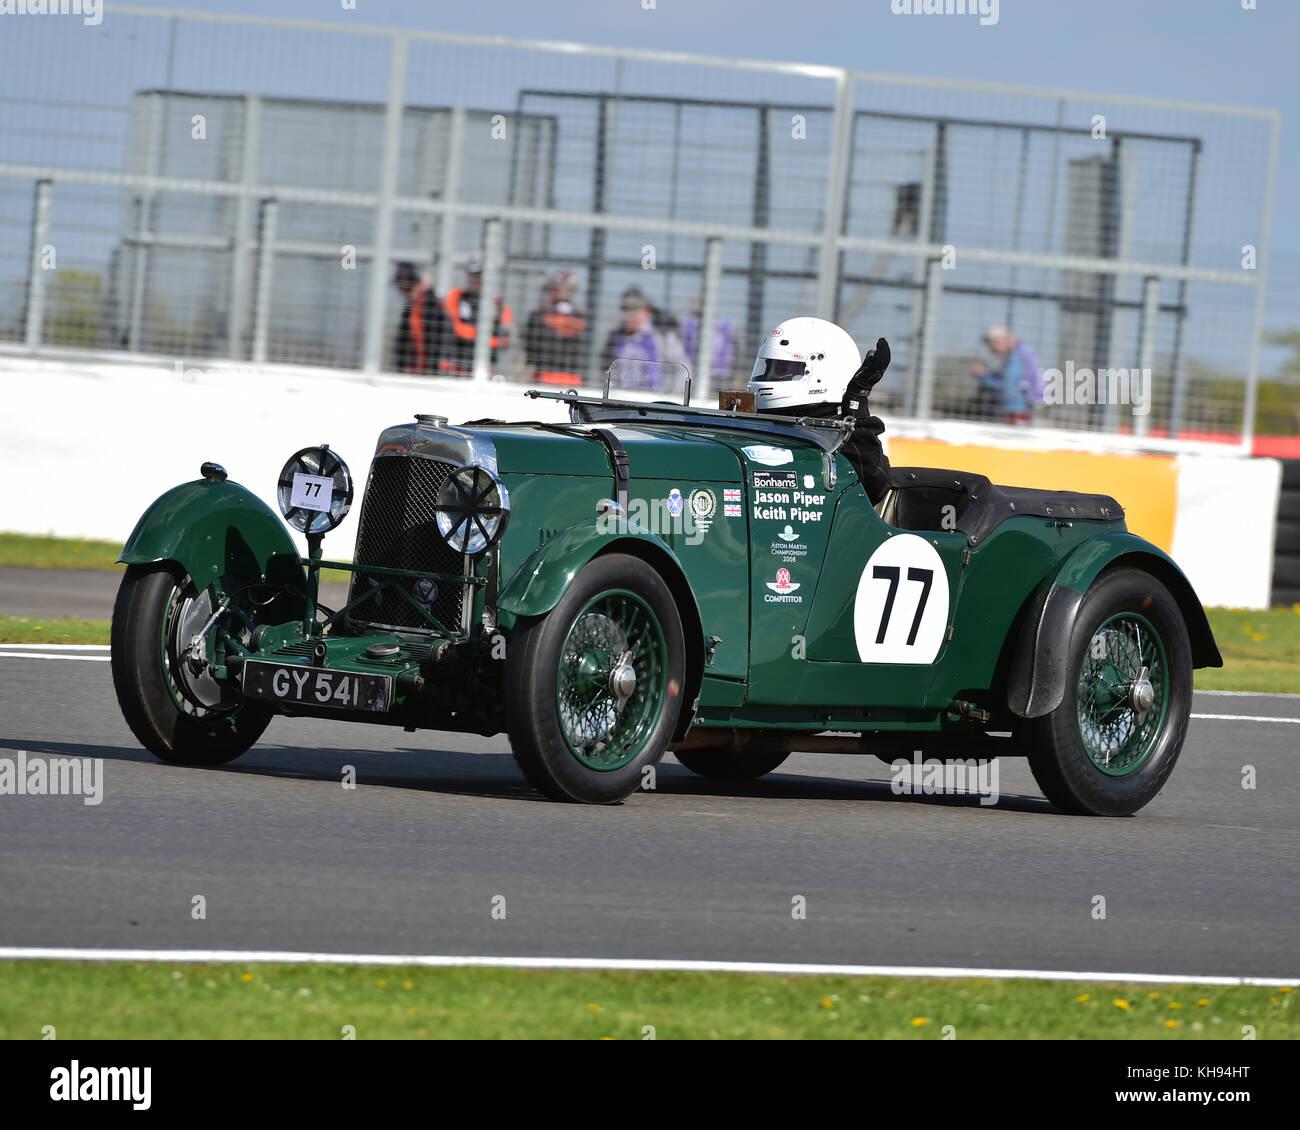 Pre War Cars Racing Vintage Stock Photos & Pre War Cars Racing ...